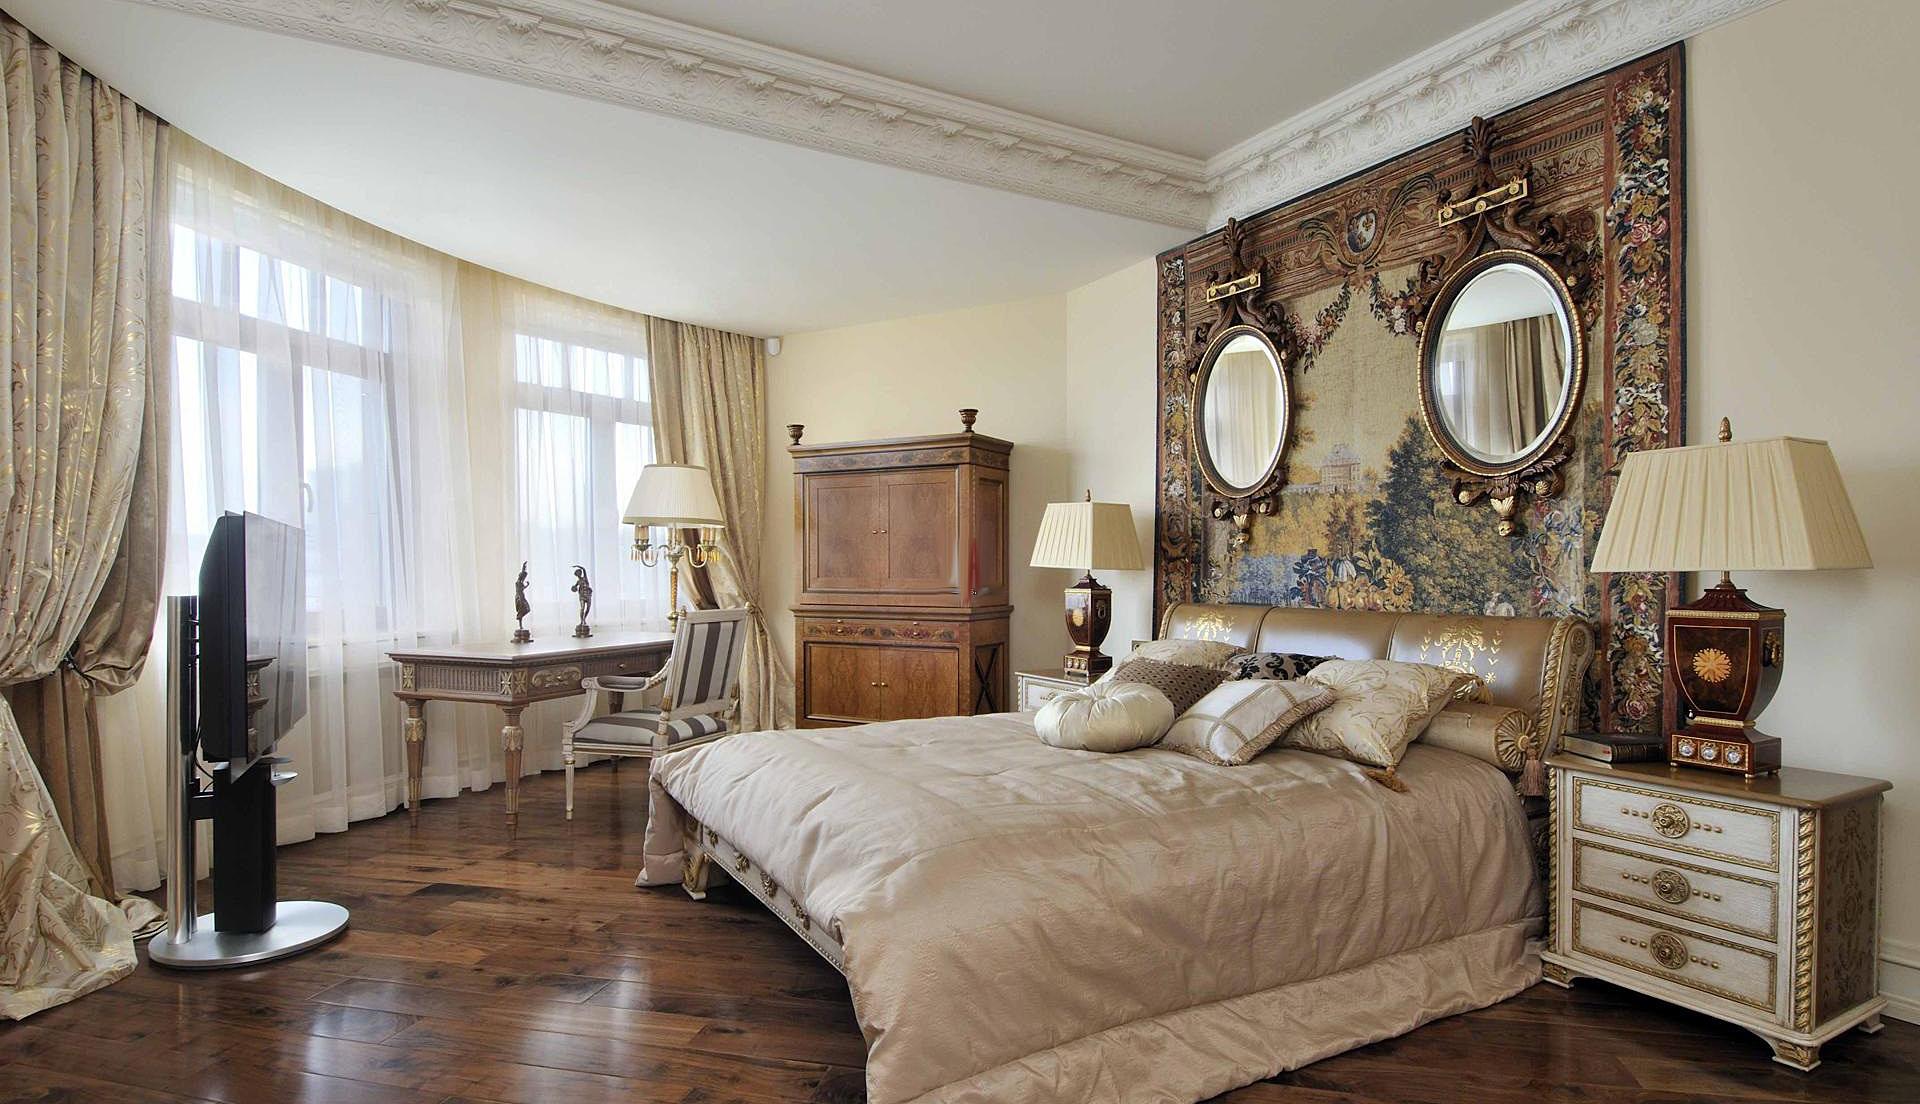 Совмещенная спальня в стиле ампир